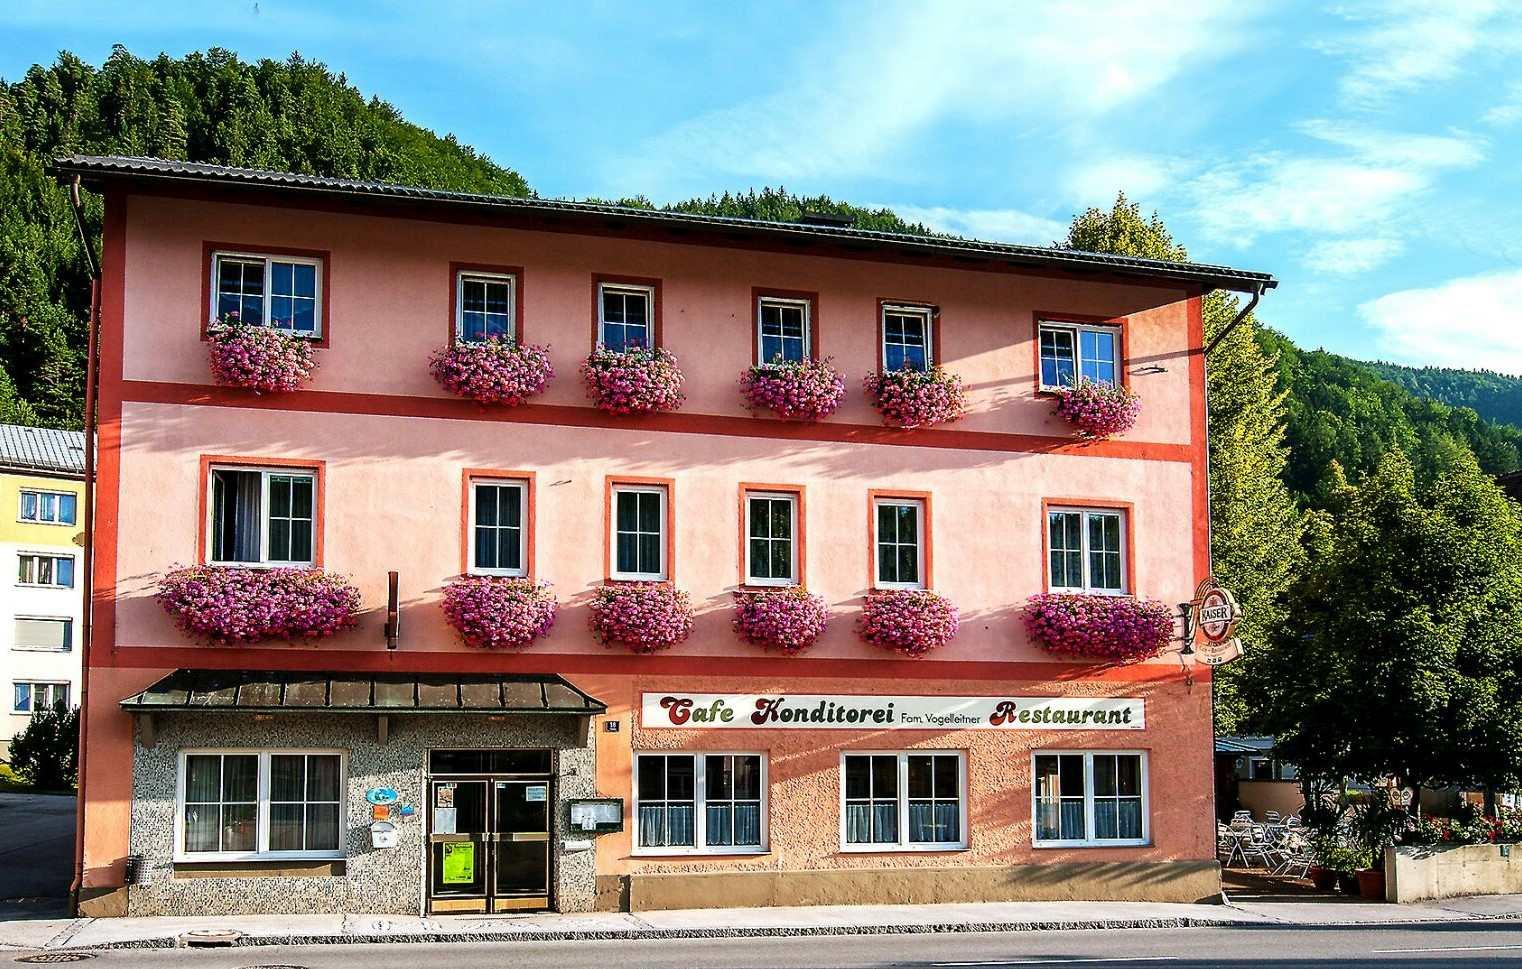 Gasthof Vogelleitner - Café - Konditorei - Restaurant - Fremdenzimmer